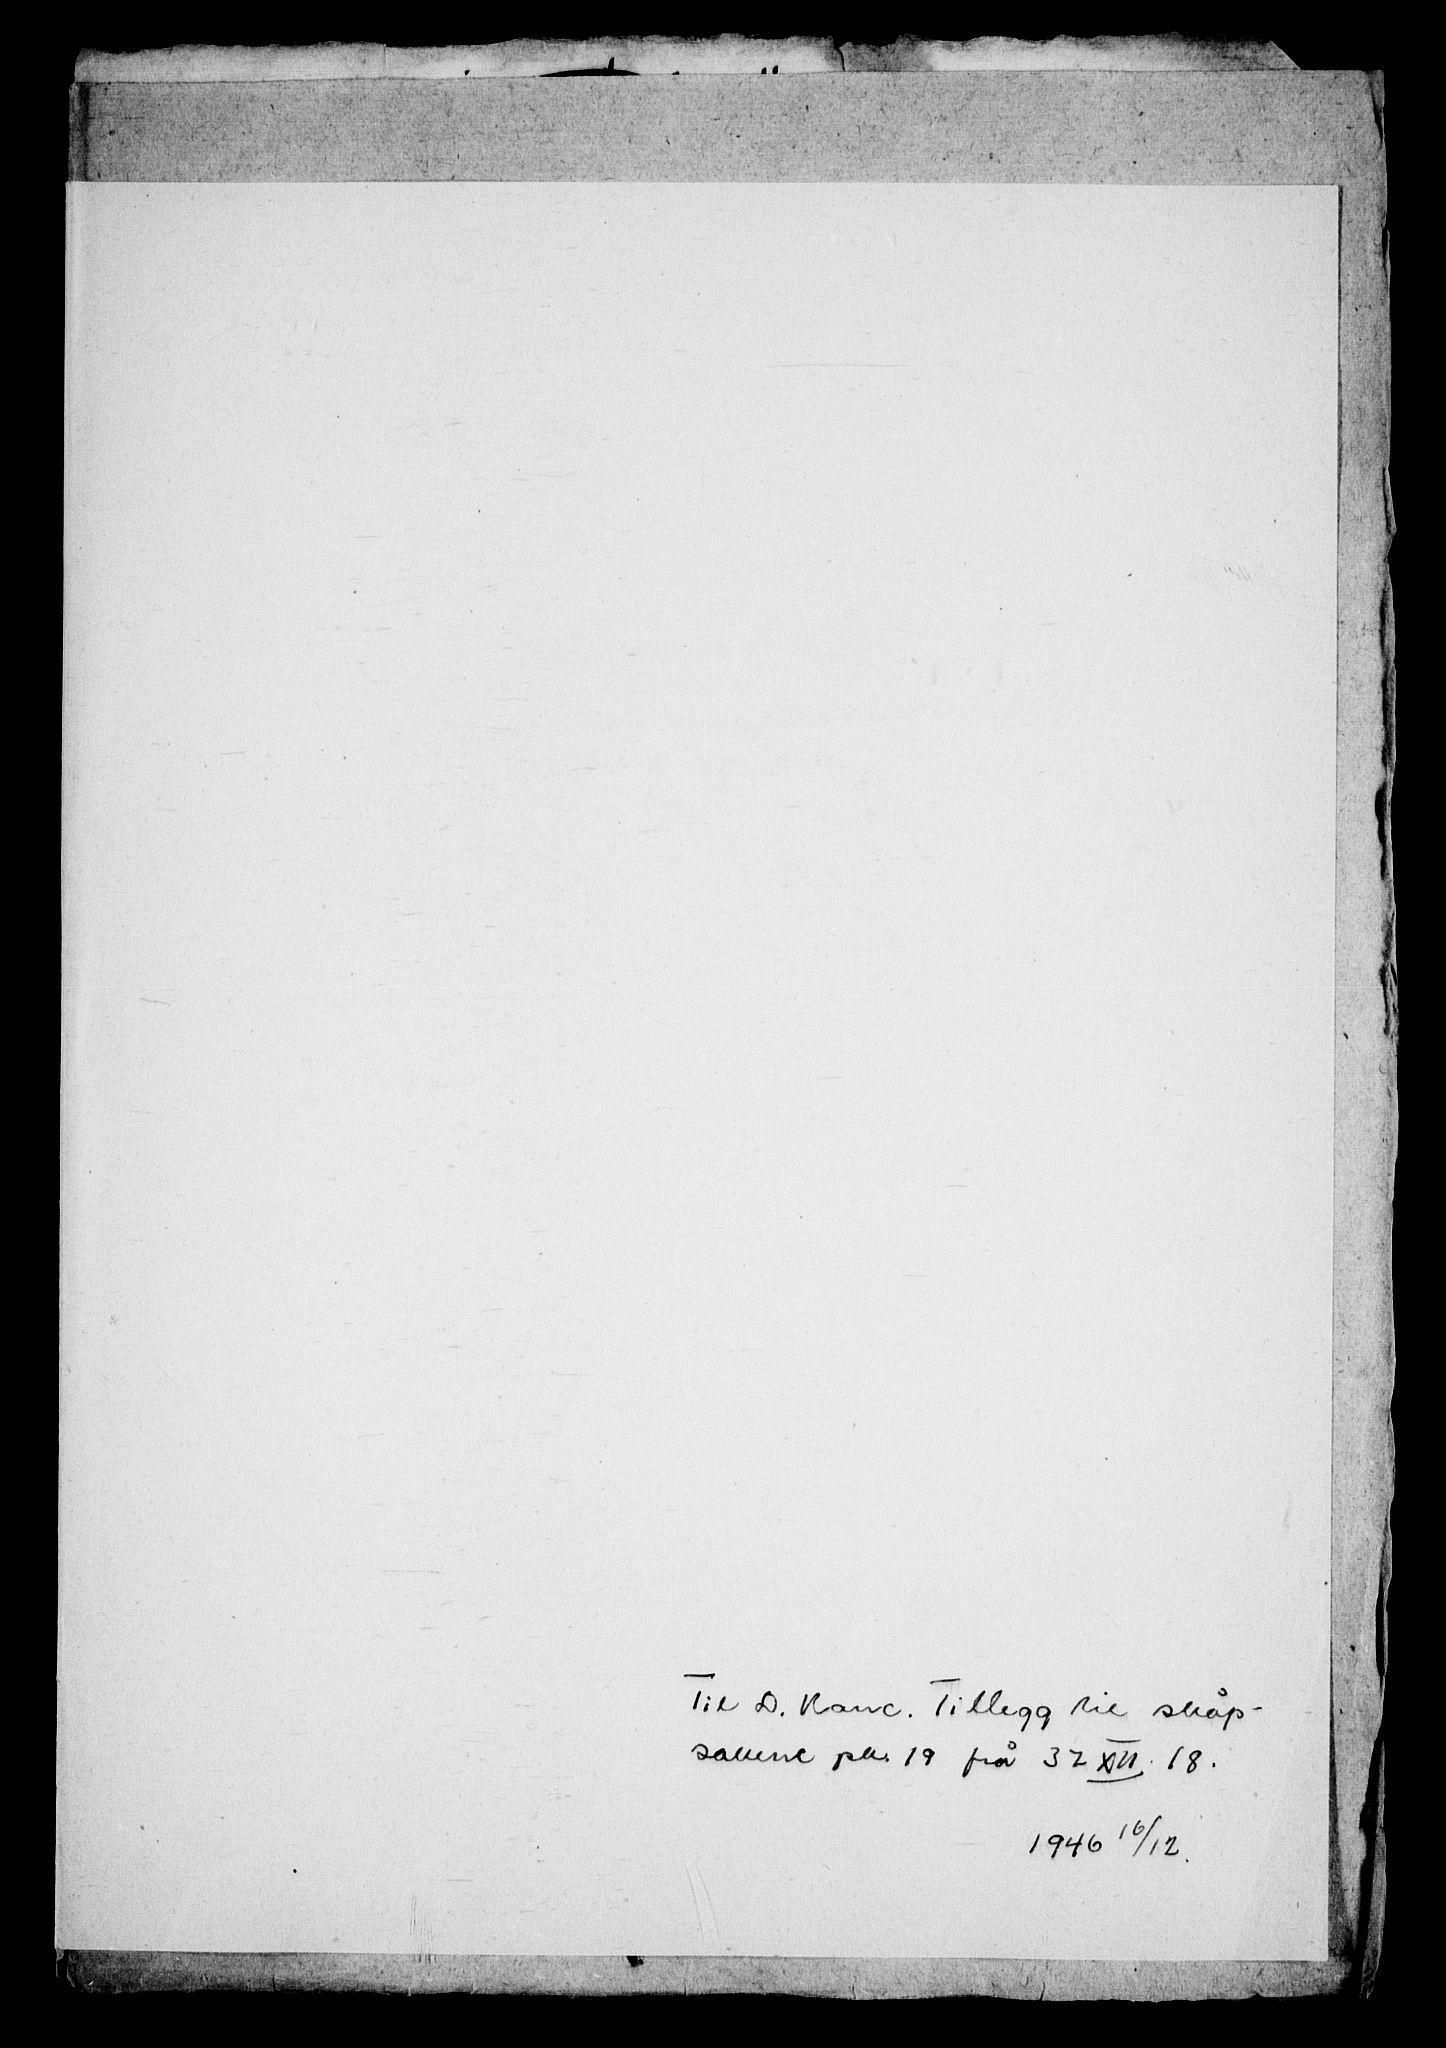 RA, Danske Kanselli, Skapsaker, G/L0019: Tillegg til skapsakene, 1616-1753, p. 69